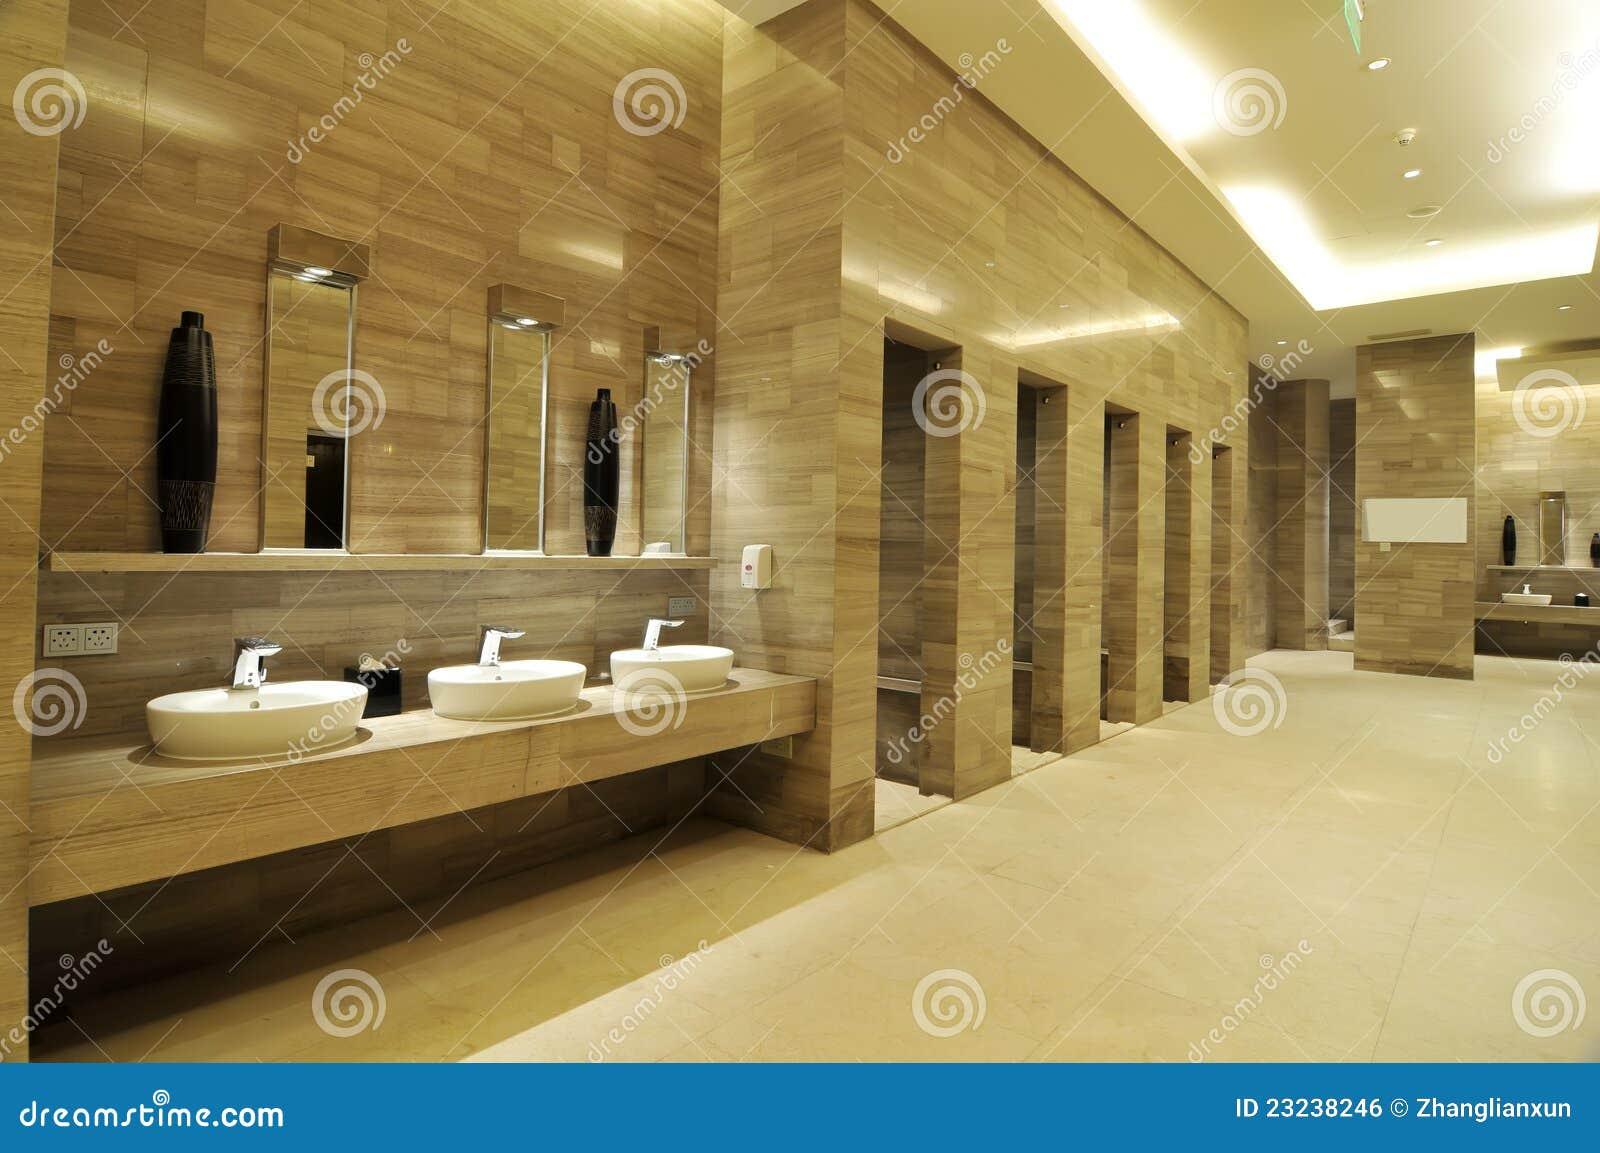 Salle de bains de luxe photo stock image du m le clat 23238246 for Salle de luxe